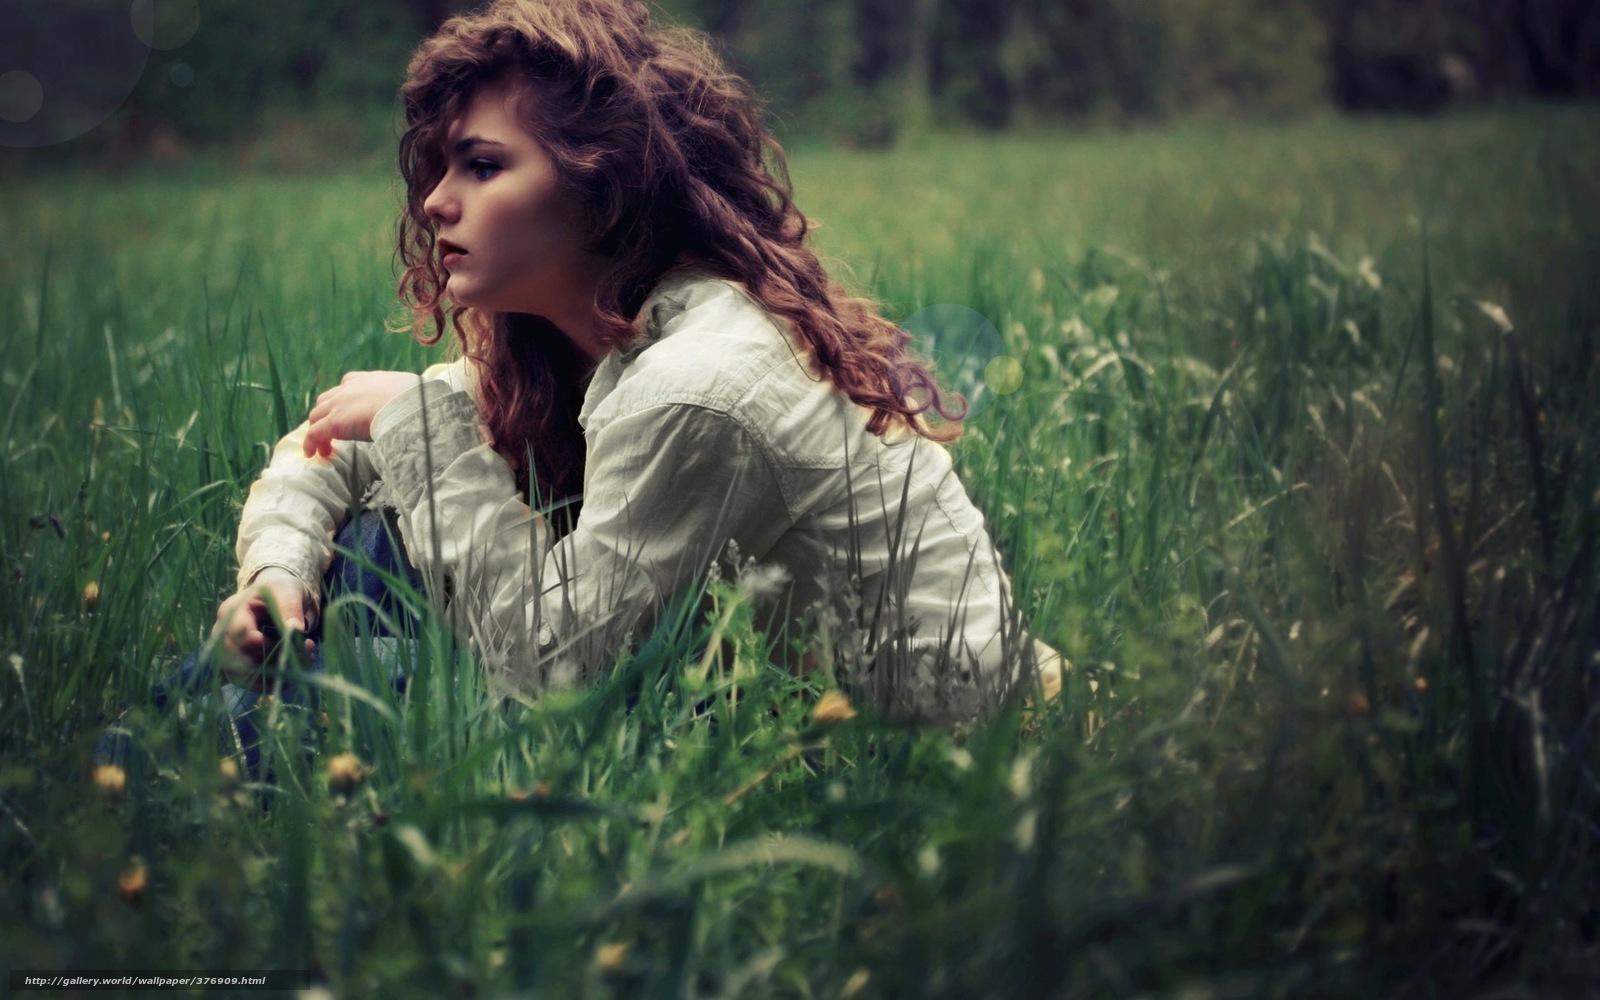 Одиночество фото девушки брюнетки